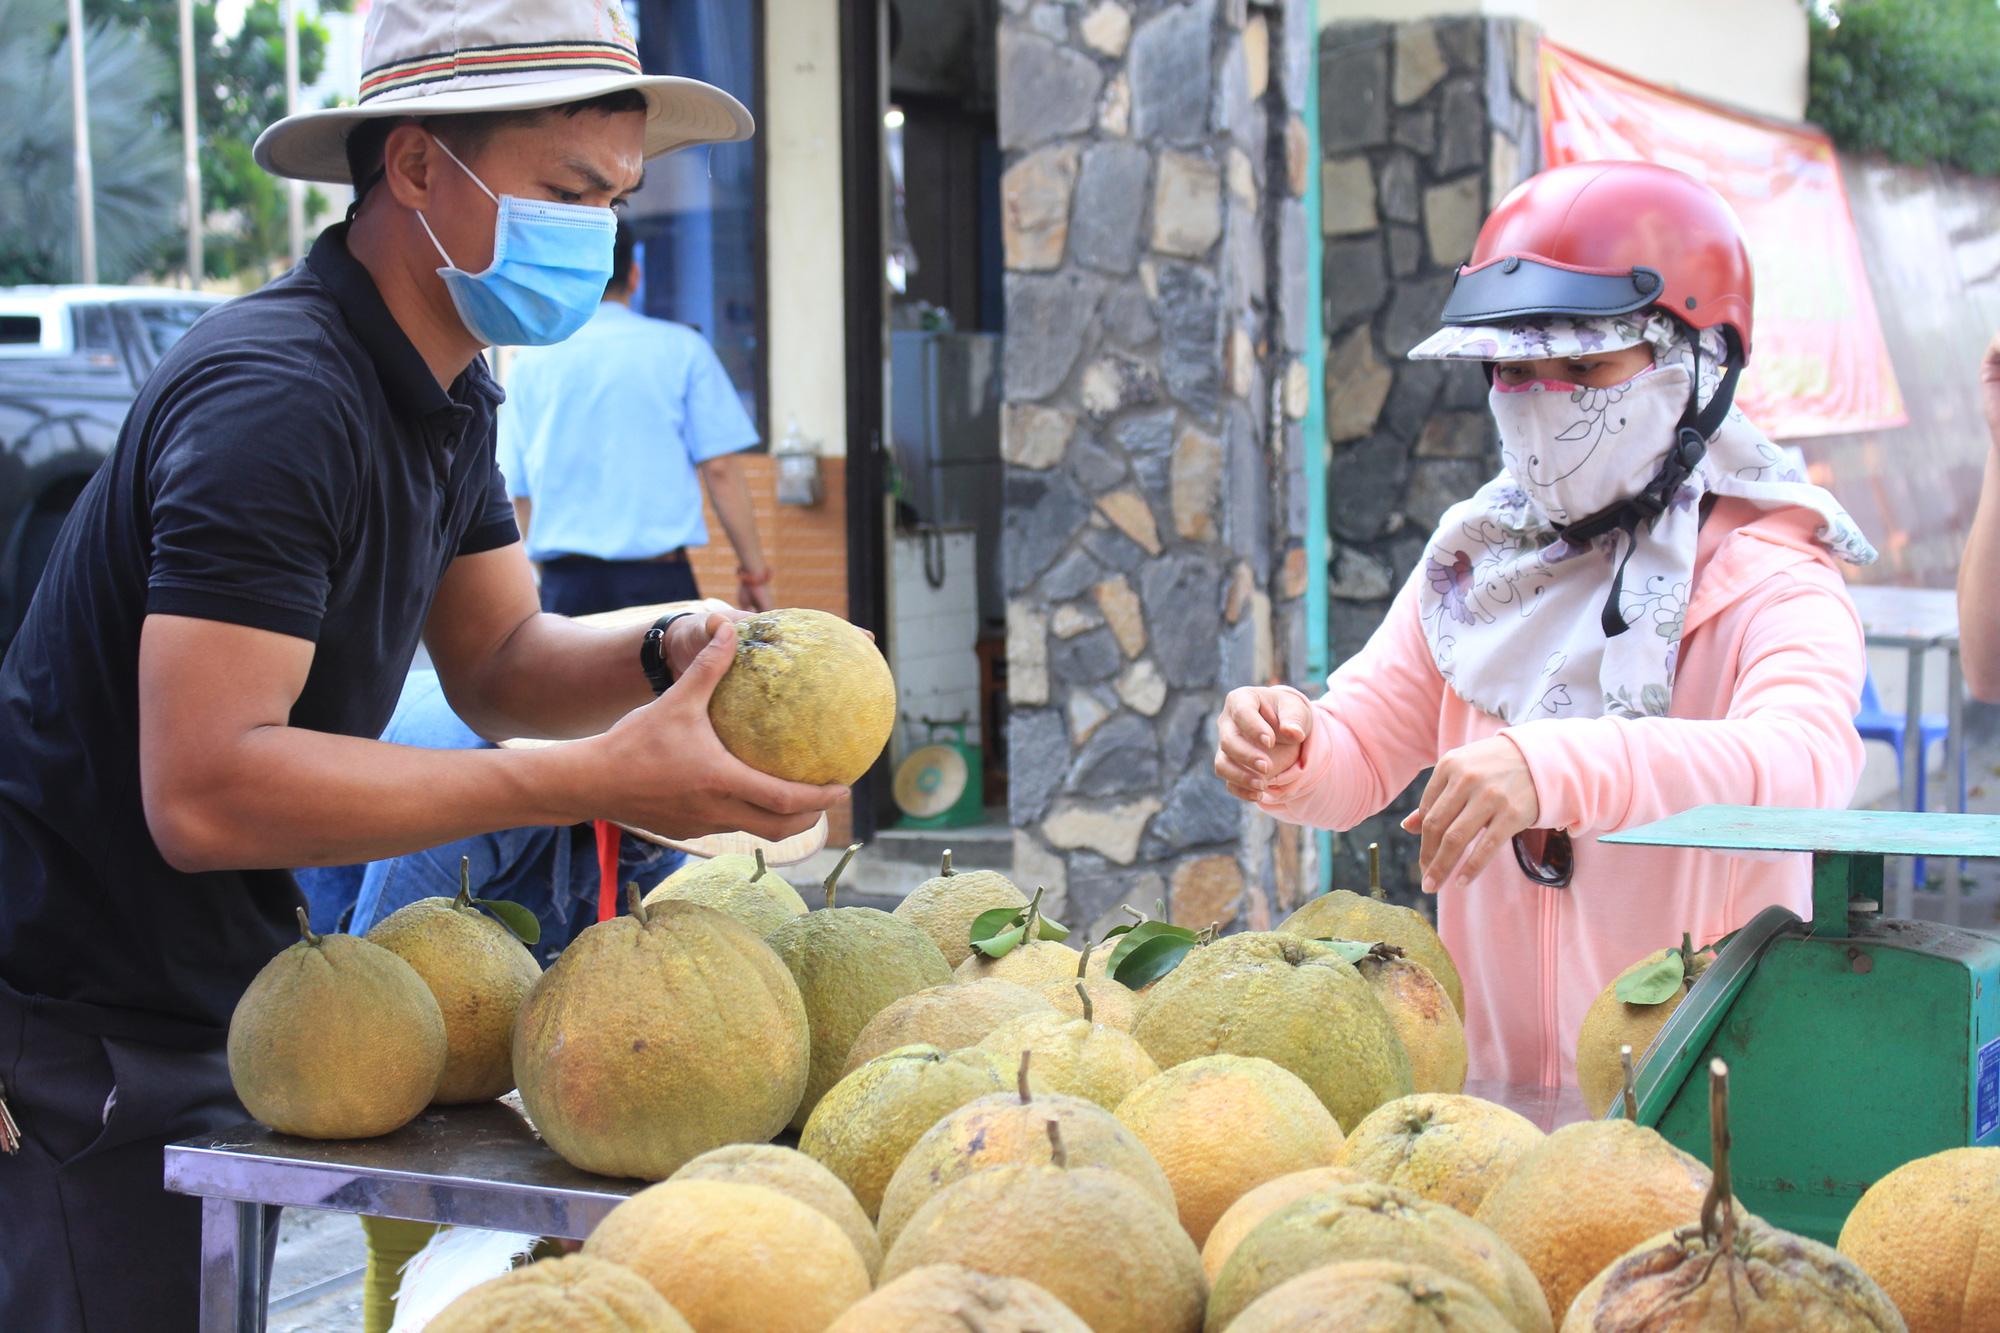 Ảnh: Cảm động người dân TP.HCM ùn ùn giải cứu rau củ Hải Dương, bưởi đặc sản hỗ trợ nông dân - Ảnh 11.